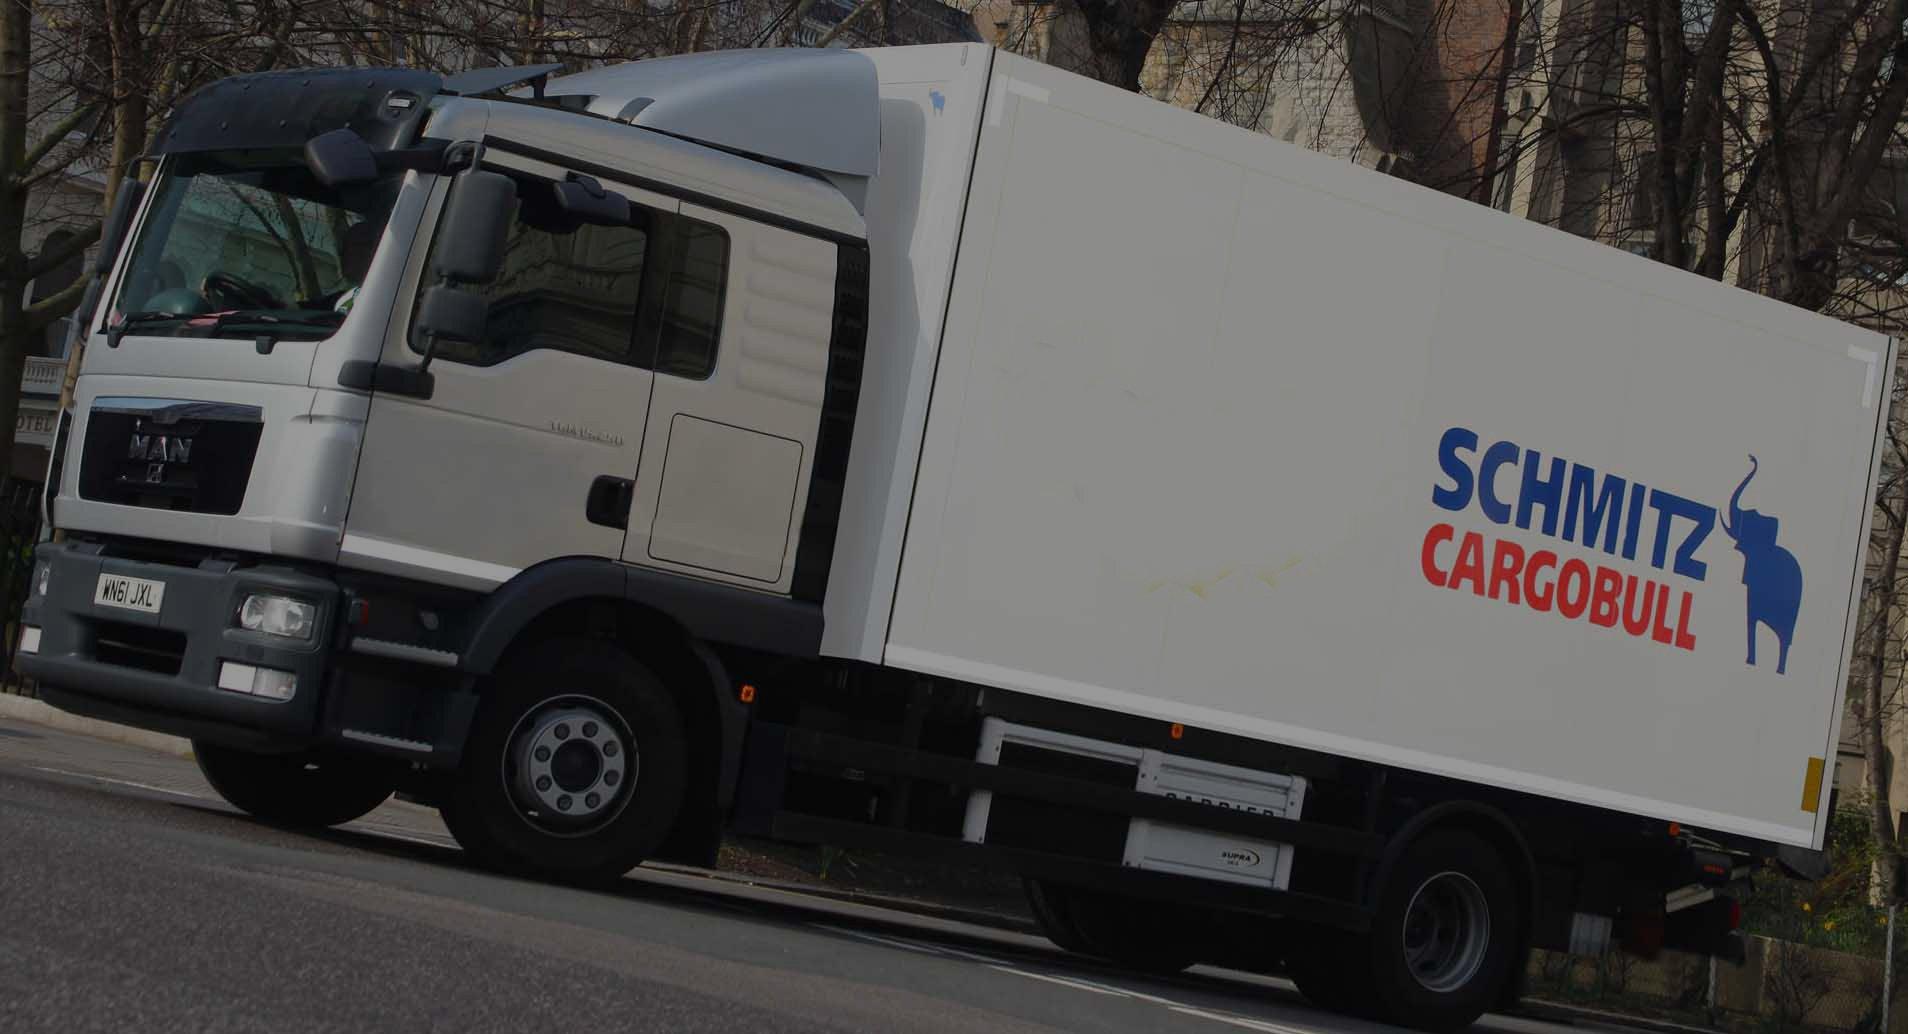 Интеллектуальный поиск сервисных центров SCHMITZ Cargobull на картах Google